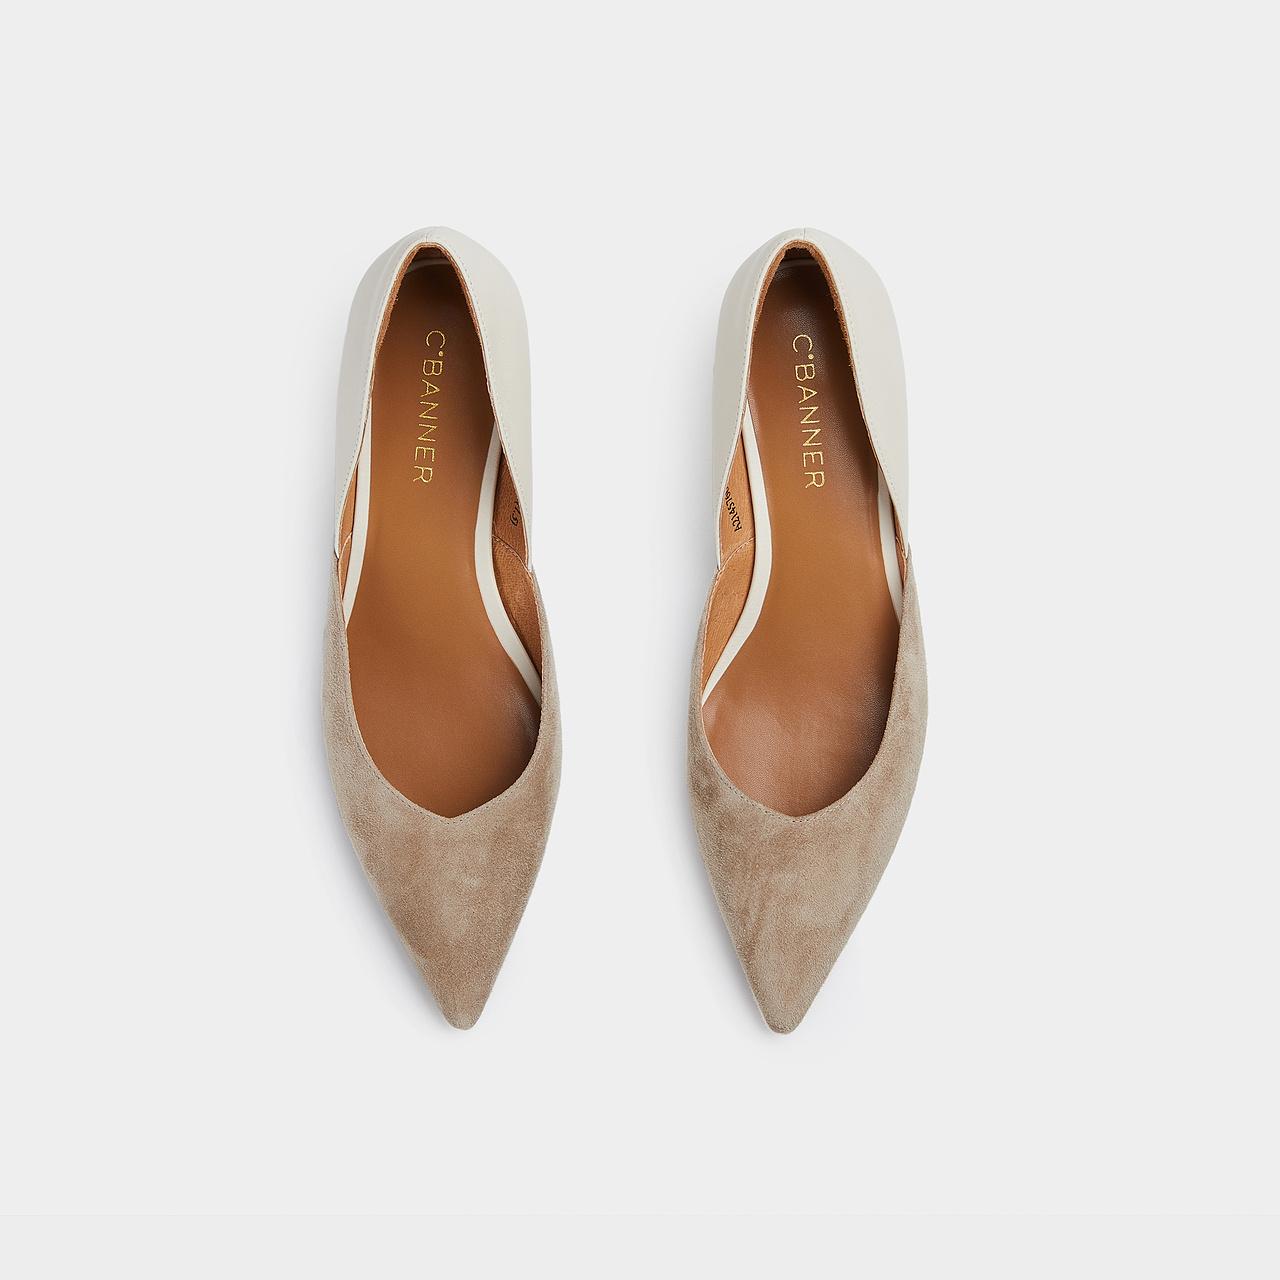 秋季新款优雅羊绒单鞋软底中跟细跟浅口尖头正品 2021 千百度女鞋